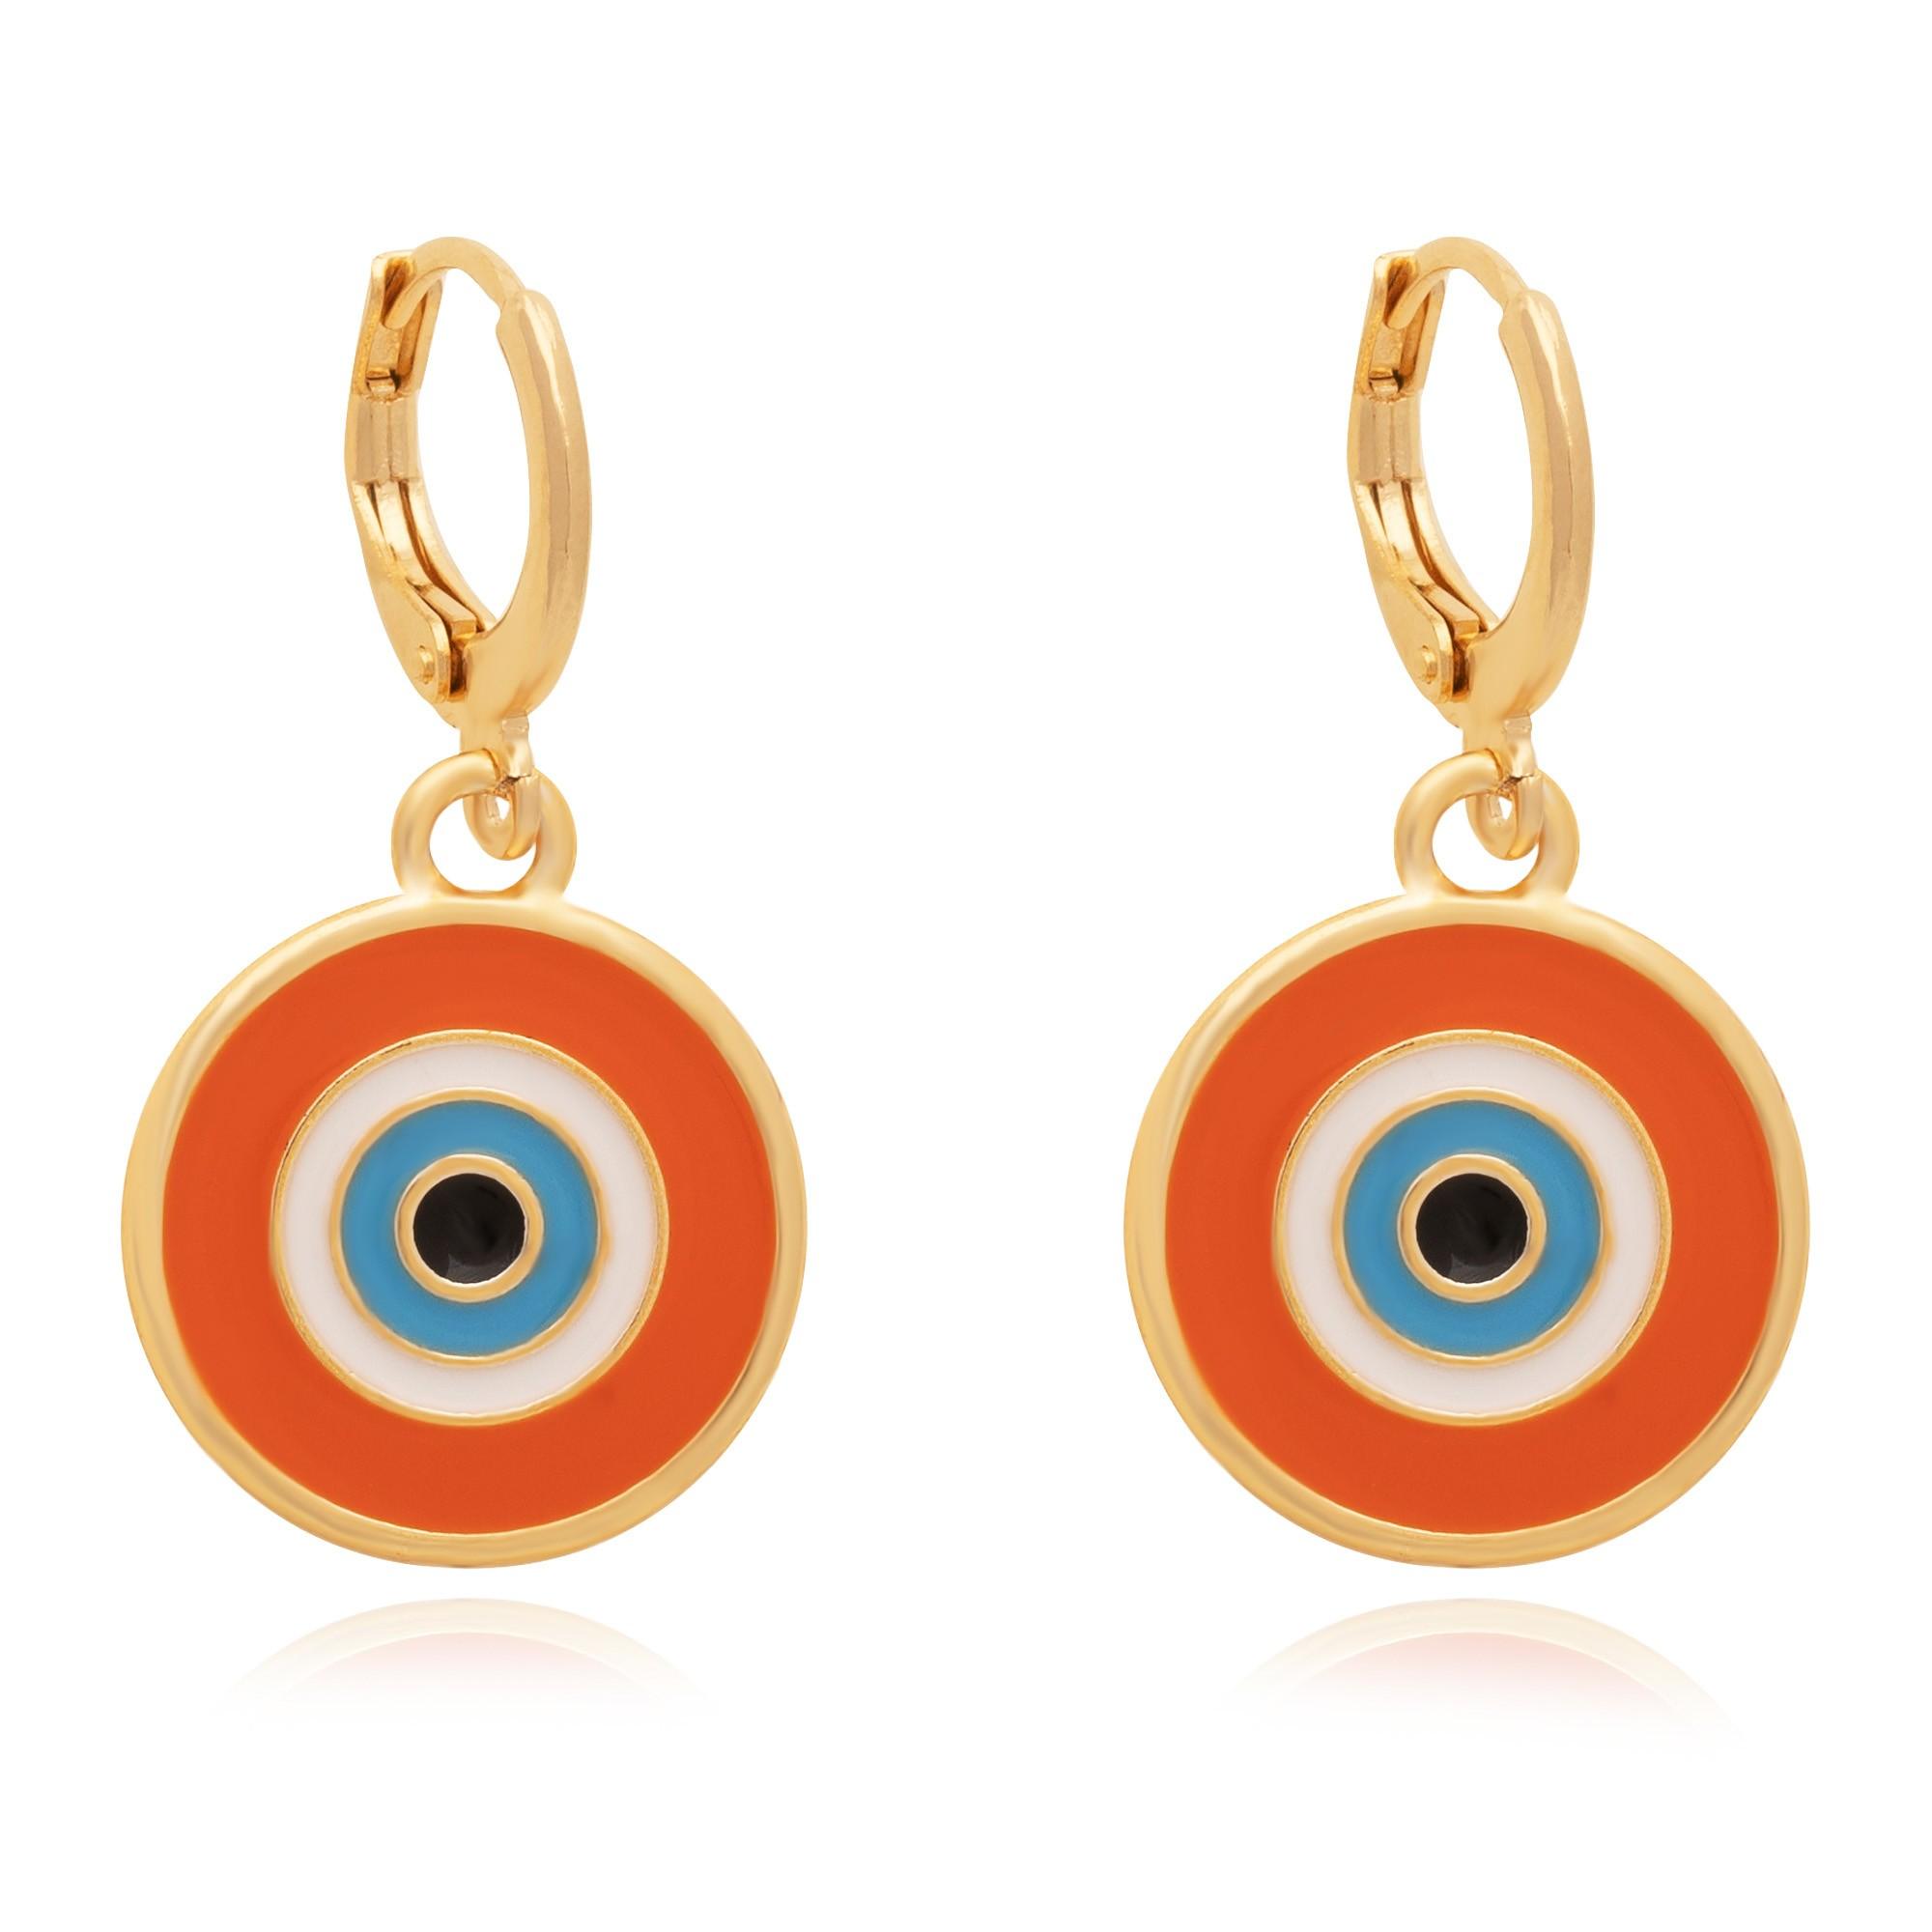 Brinco de argola olho grego resinado em laranja banhado à 18k.  - romabrazil.com.br